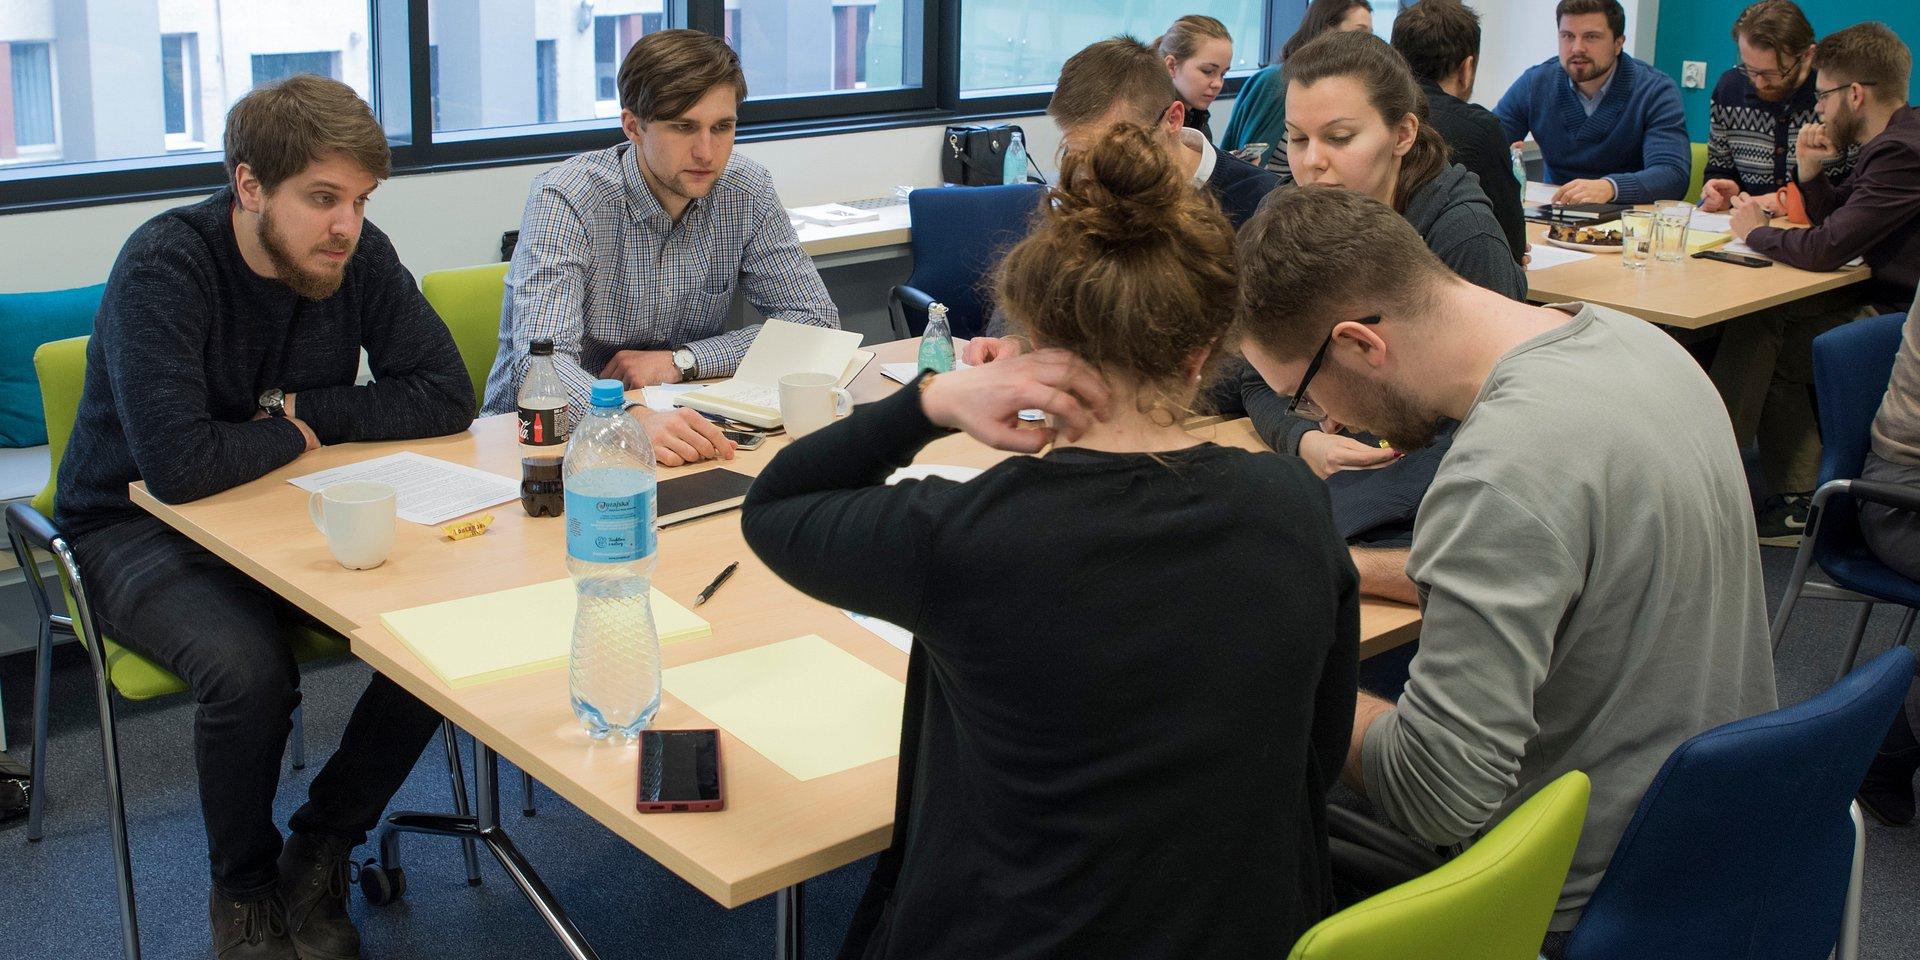 Dzień otwarty w Roche Polska dla uczestników BioMed Leaders Academy